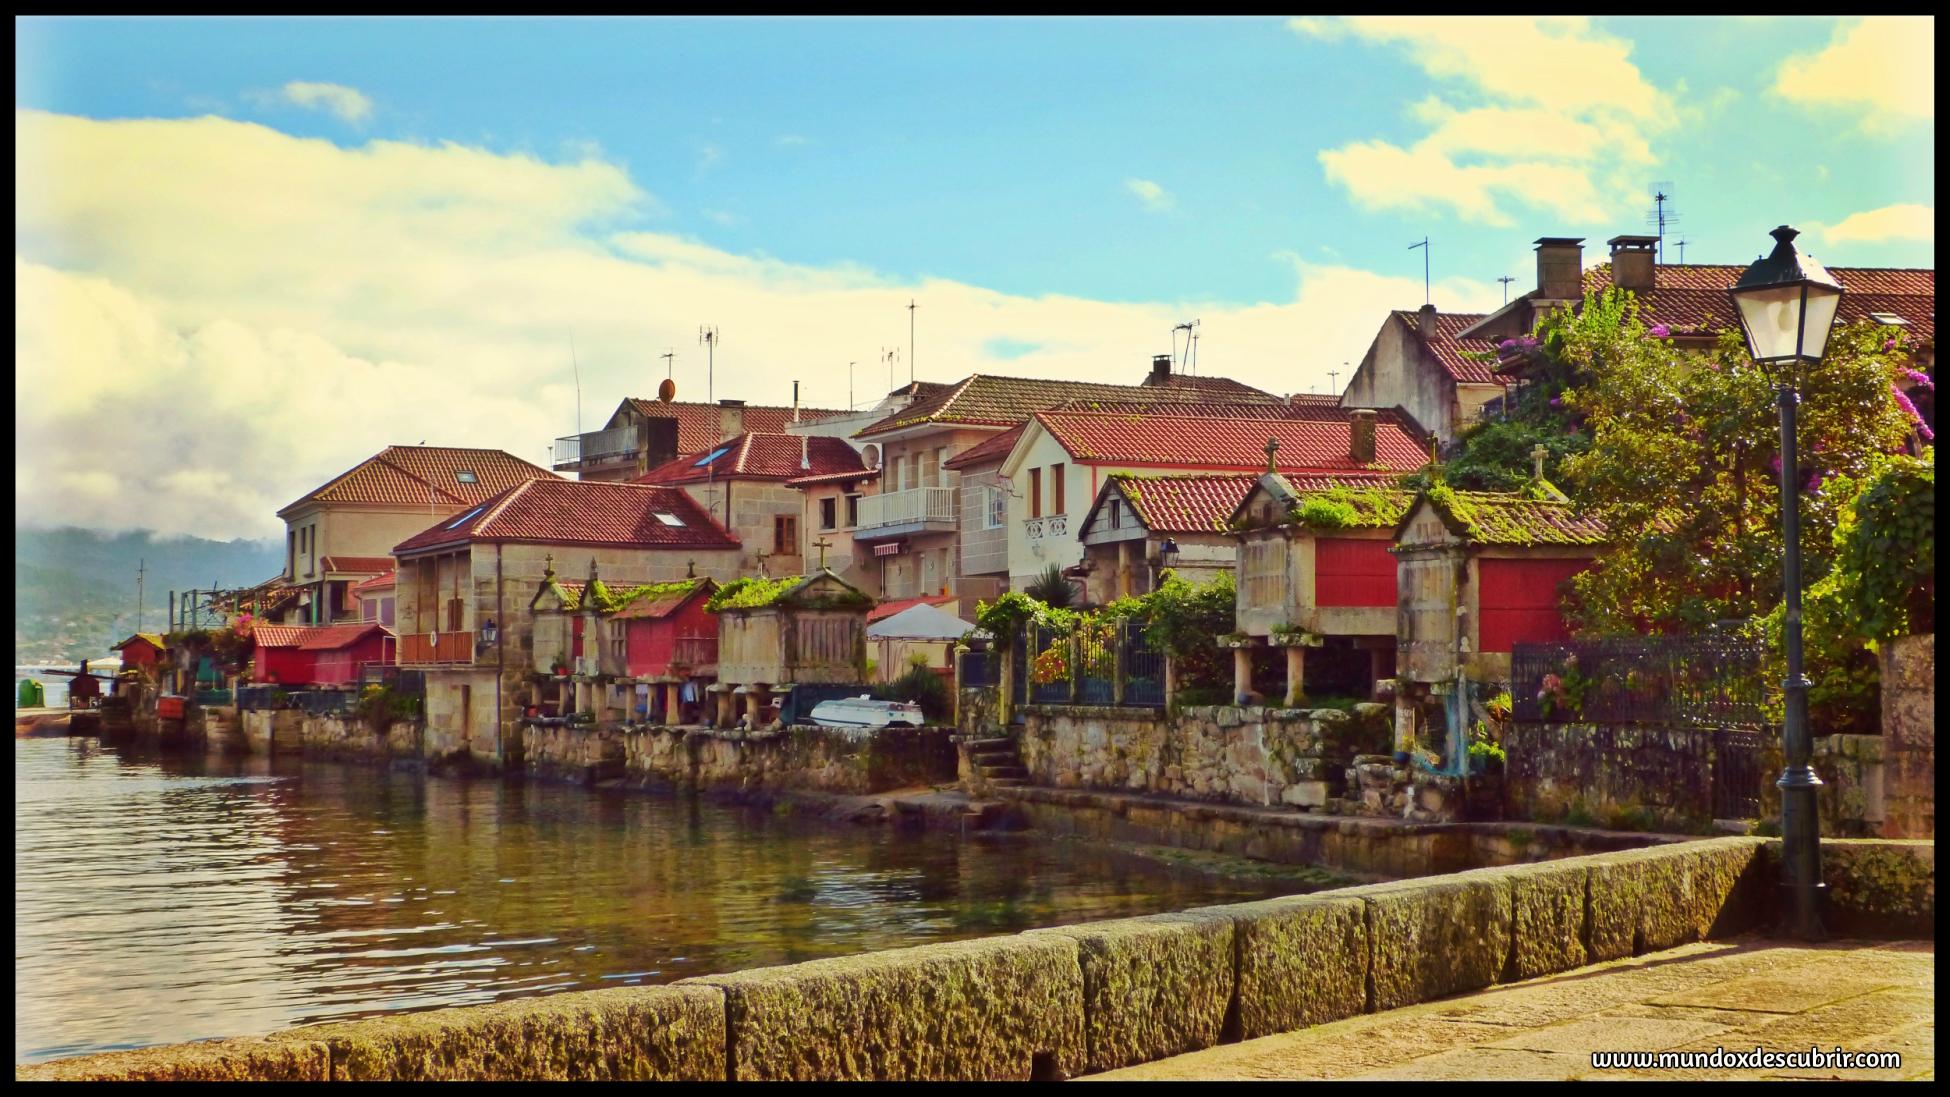 Imprescindibles qué ver y visitar en COMBARRO (Galicia) -